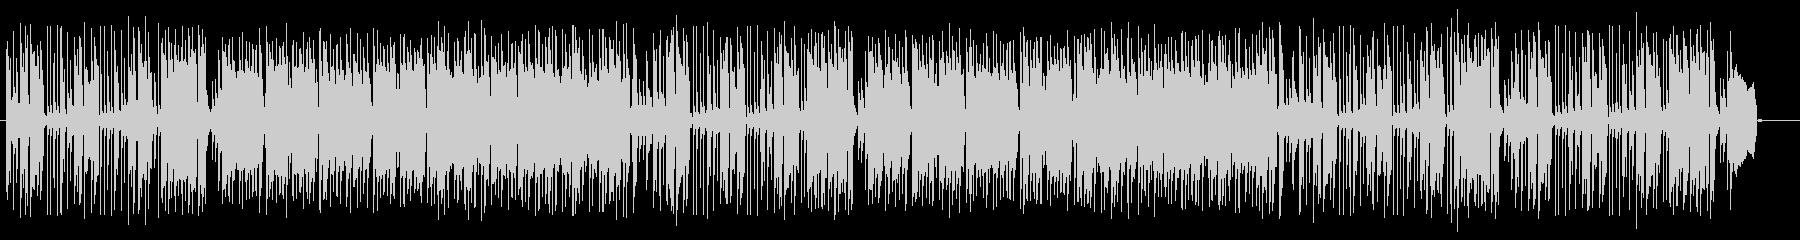 軽快でエキゾチックな音色が特徴のポップスの未再生の波形